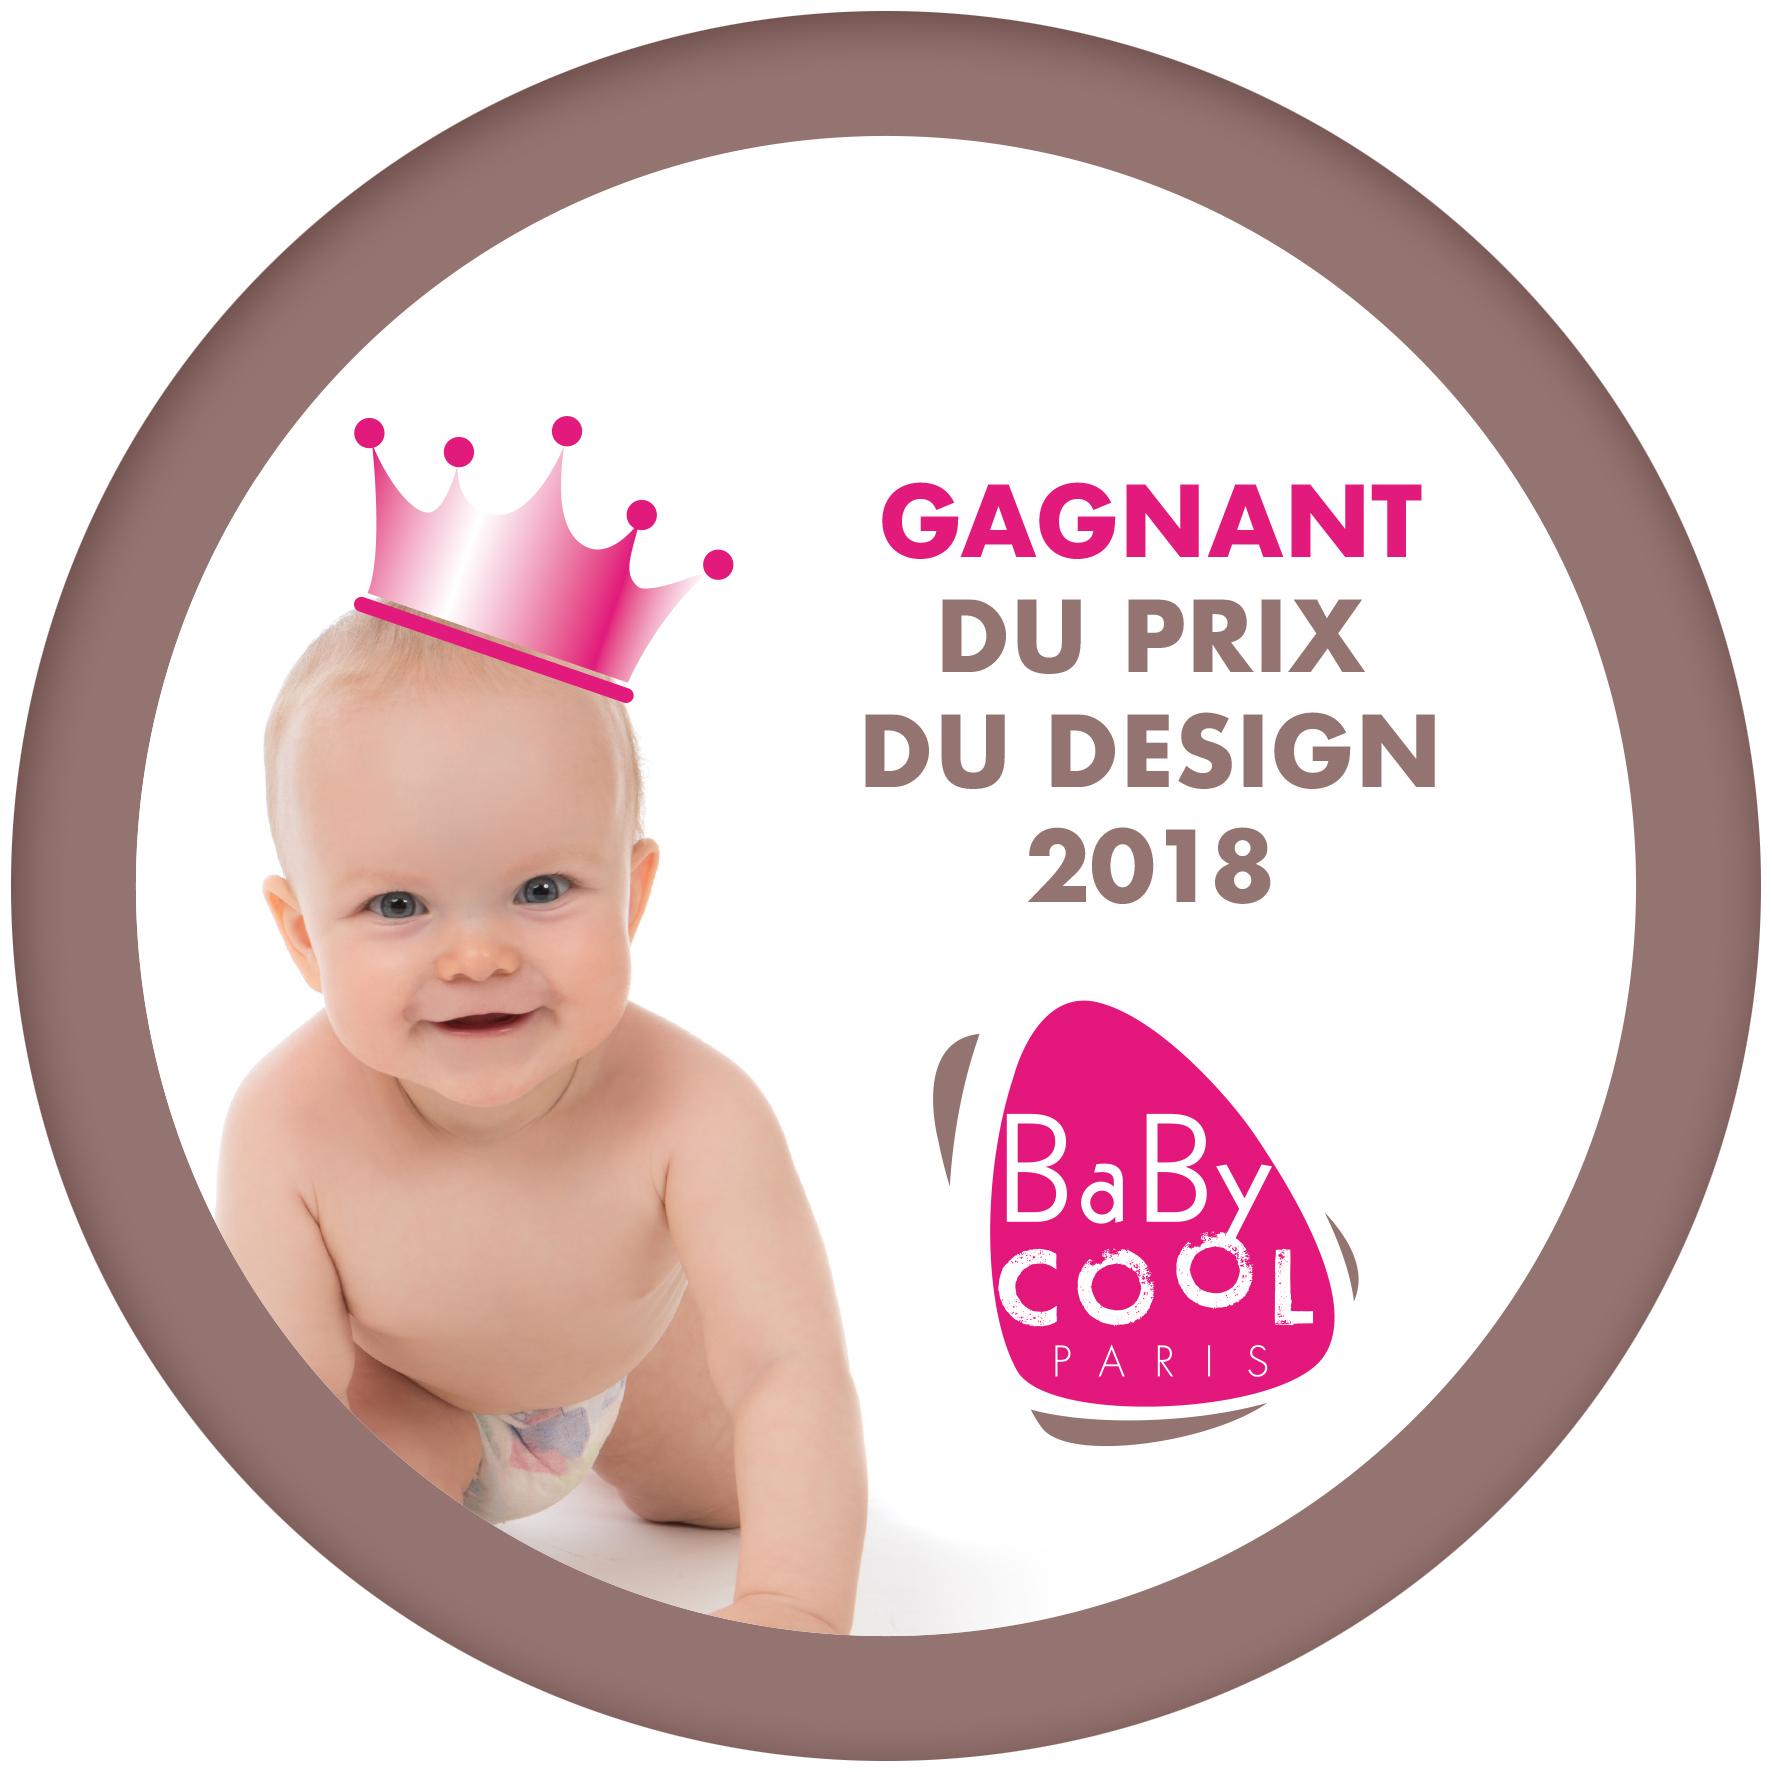 Gagnant du prix design 2018 - baby cool